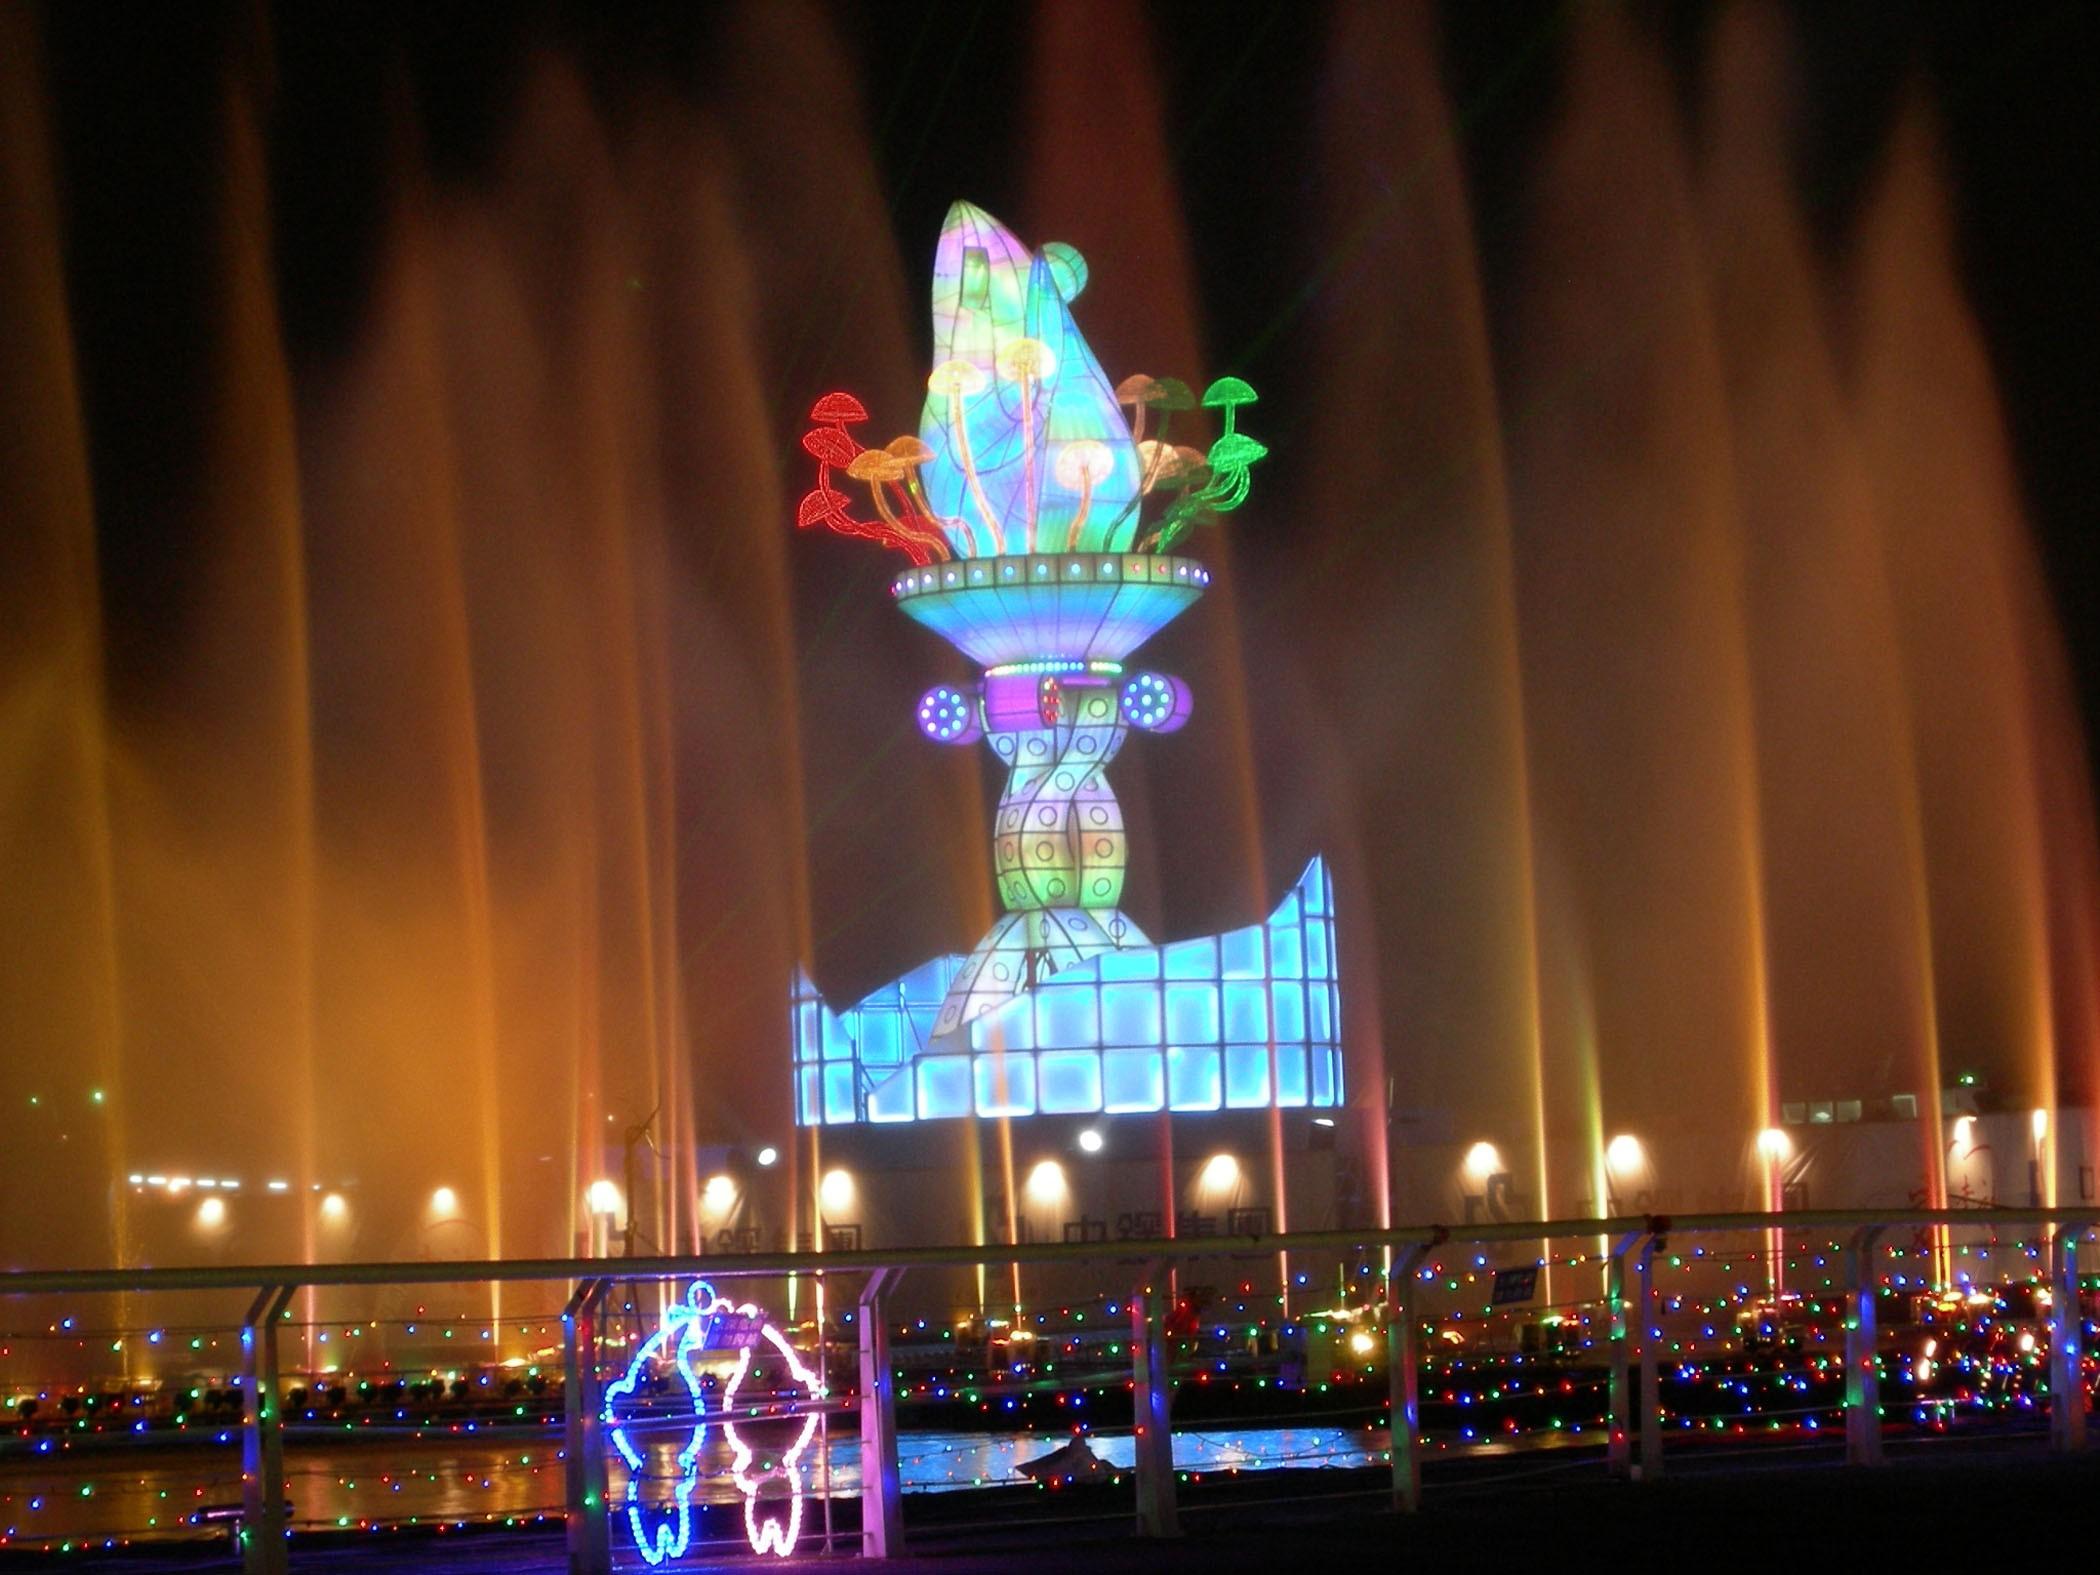 高雄燈會海上主燈搭配水舞表演,吸引不少民眾觀賞。